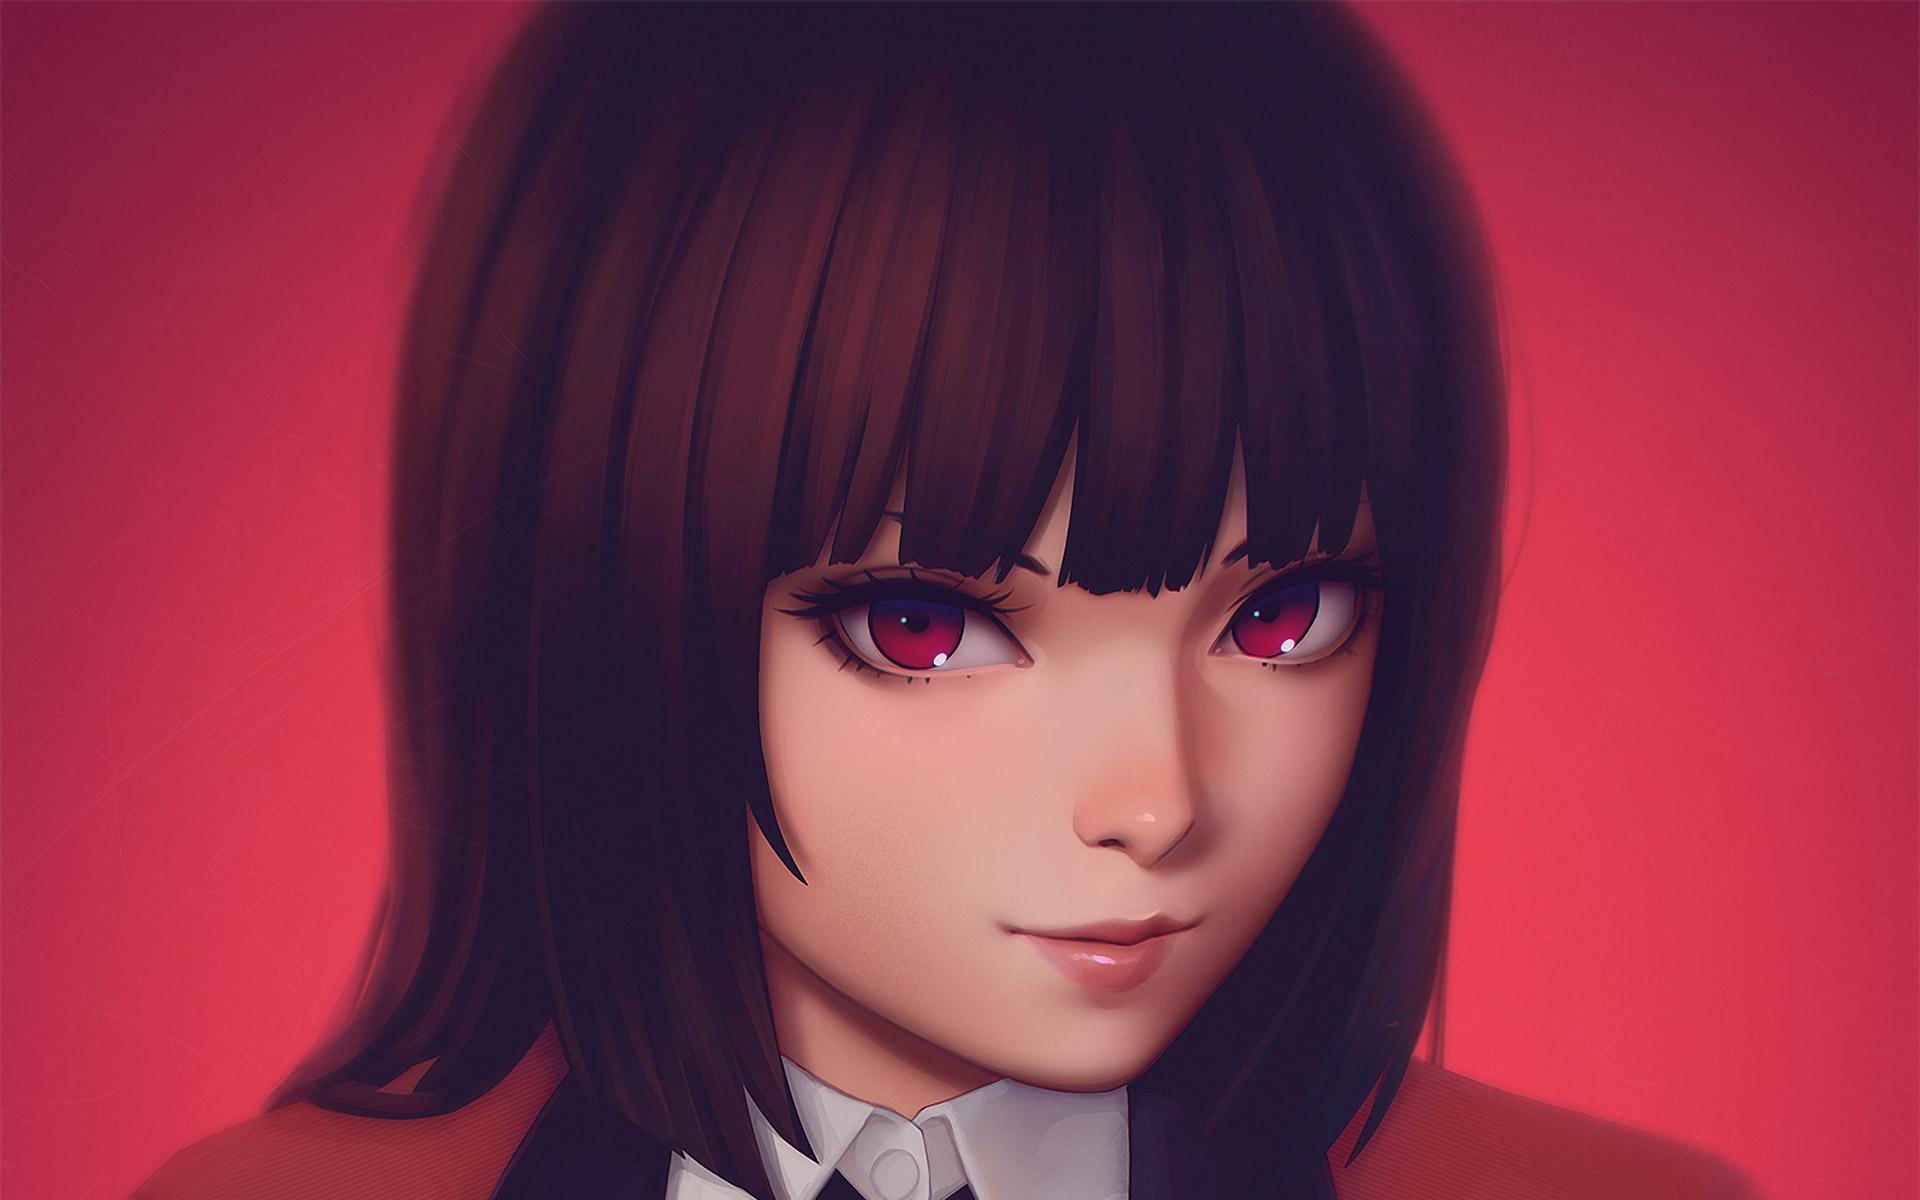 kakegurui jabami yumeko anime girl  full hd wallpaper vector music notes illustrator vector music note image